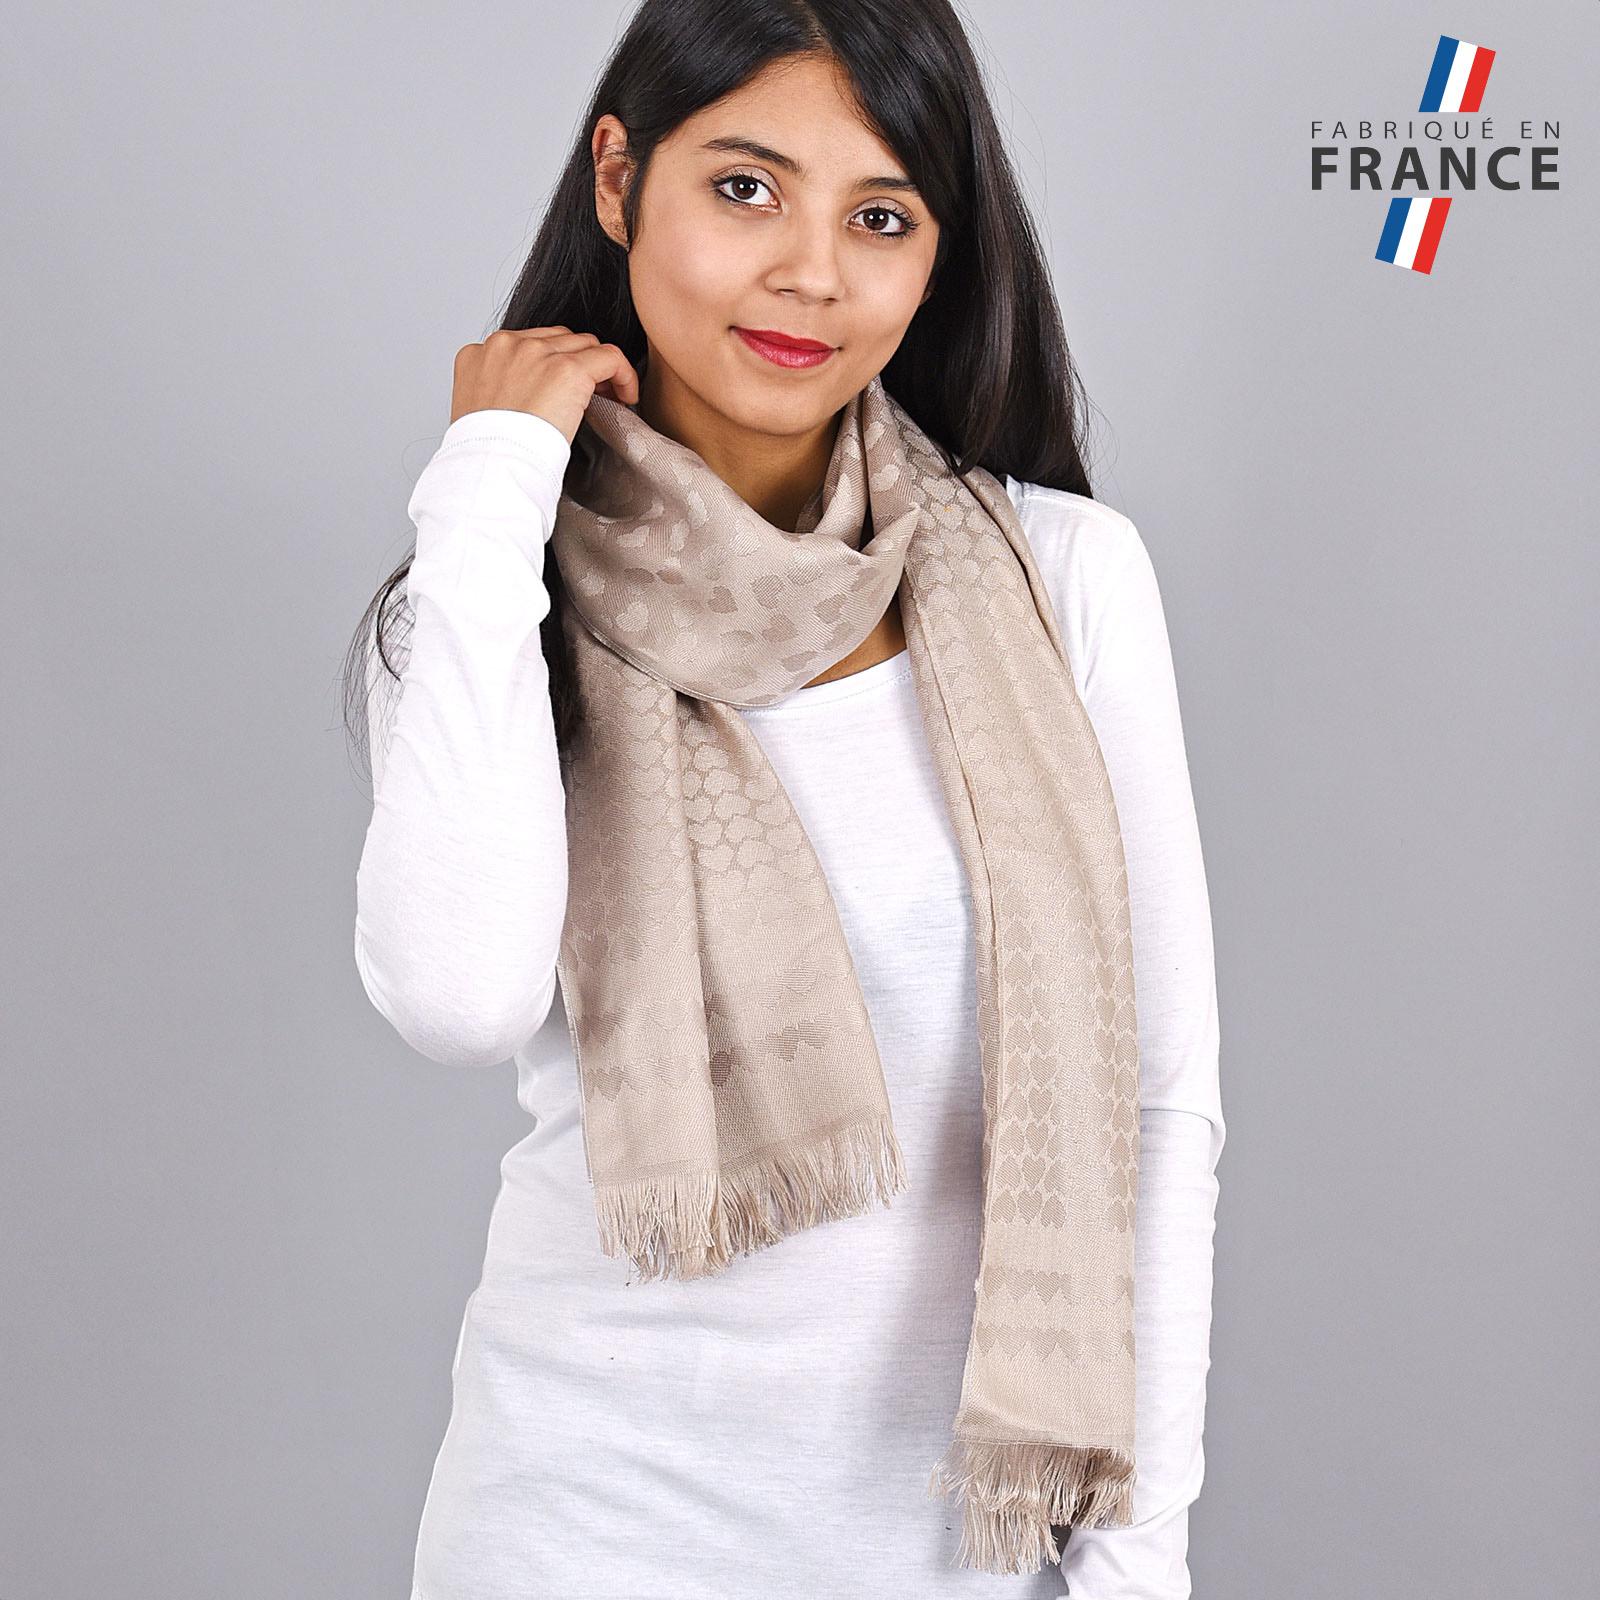 AT-04268-VF16-LB_FR-echarpe-femme-breige-motifs-coeurs